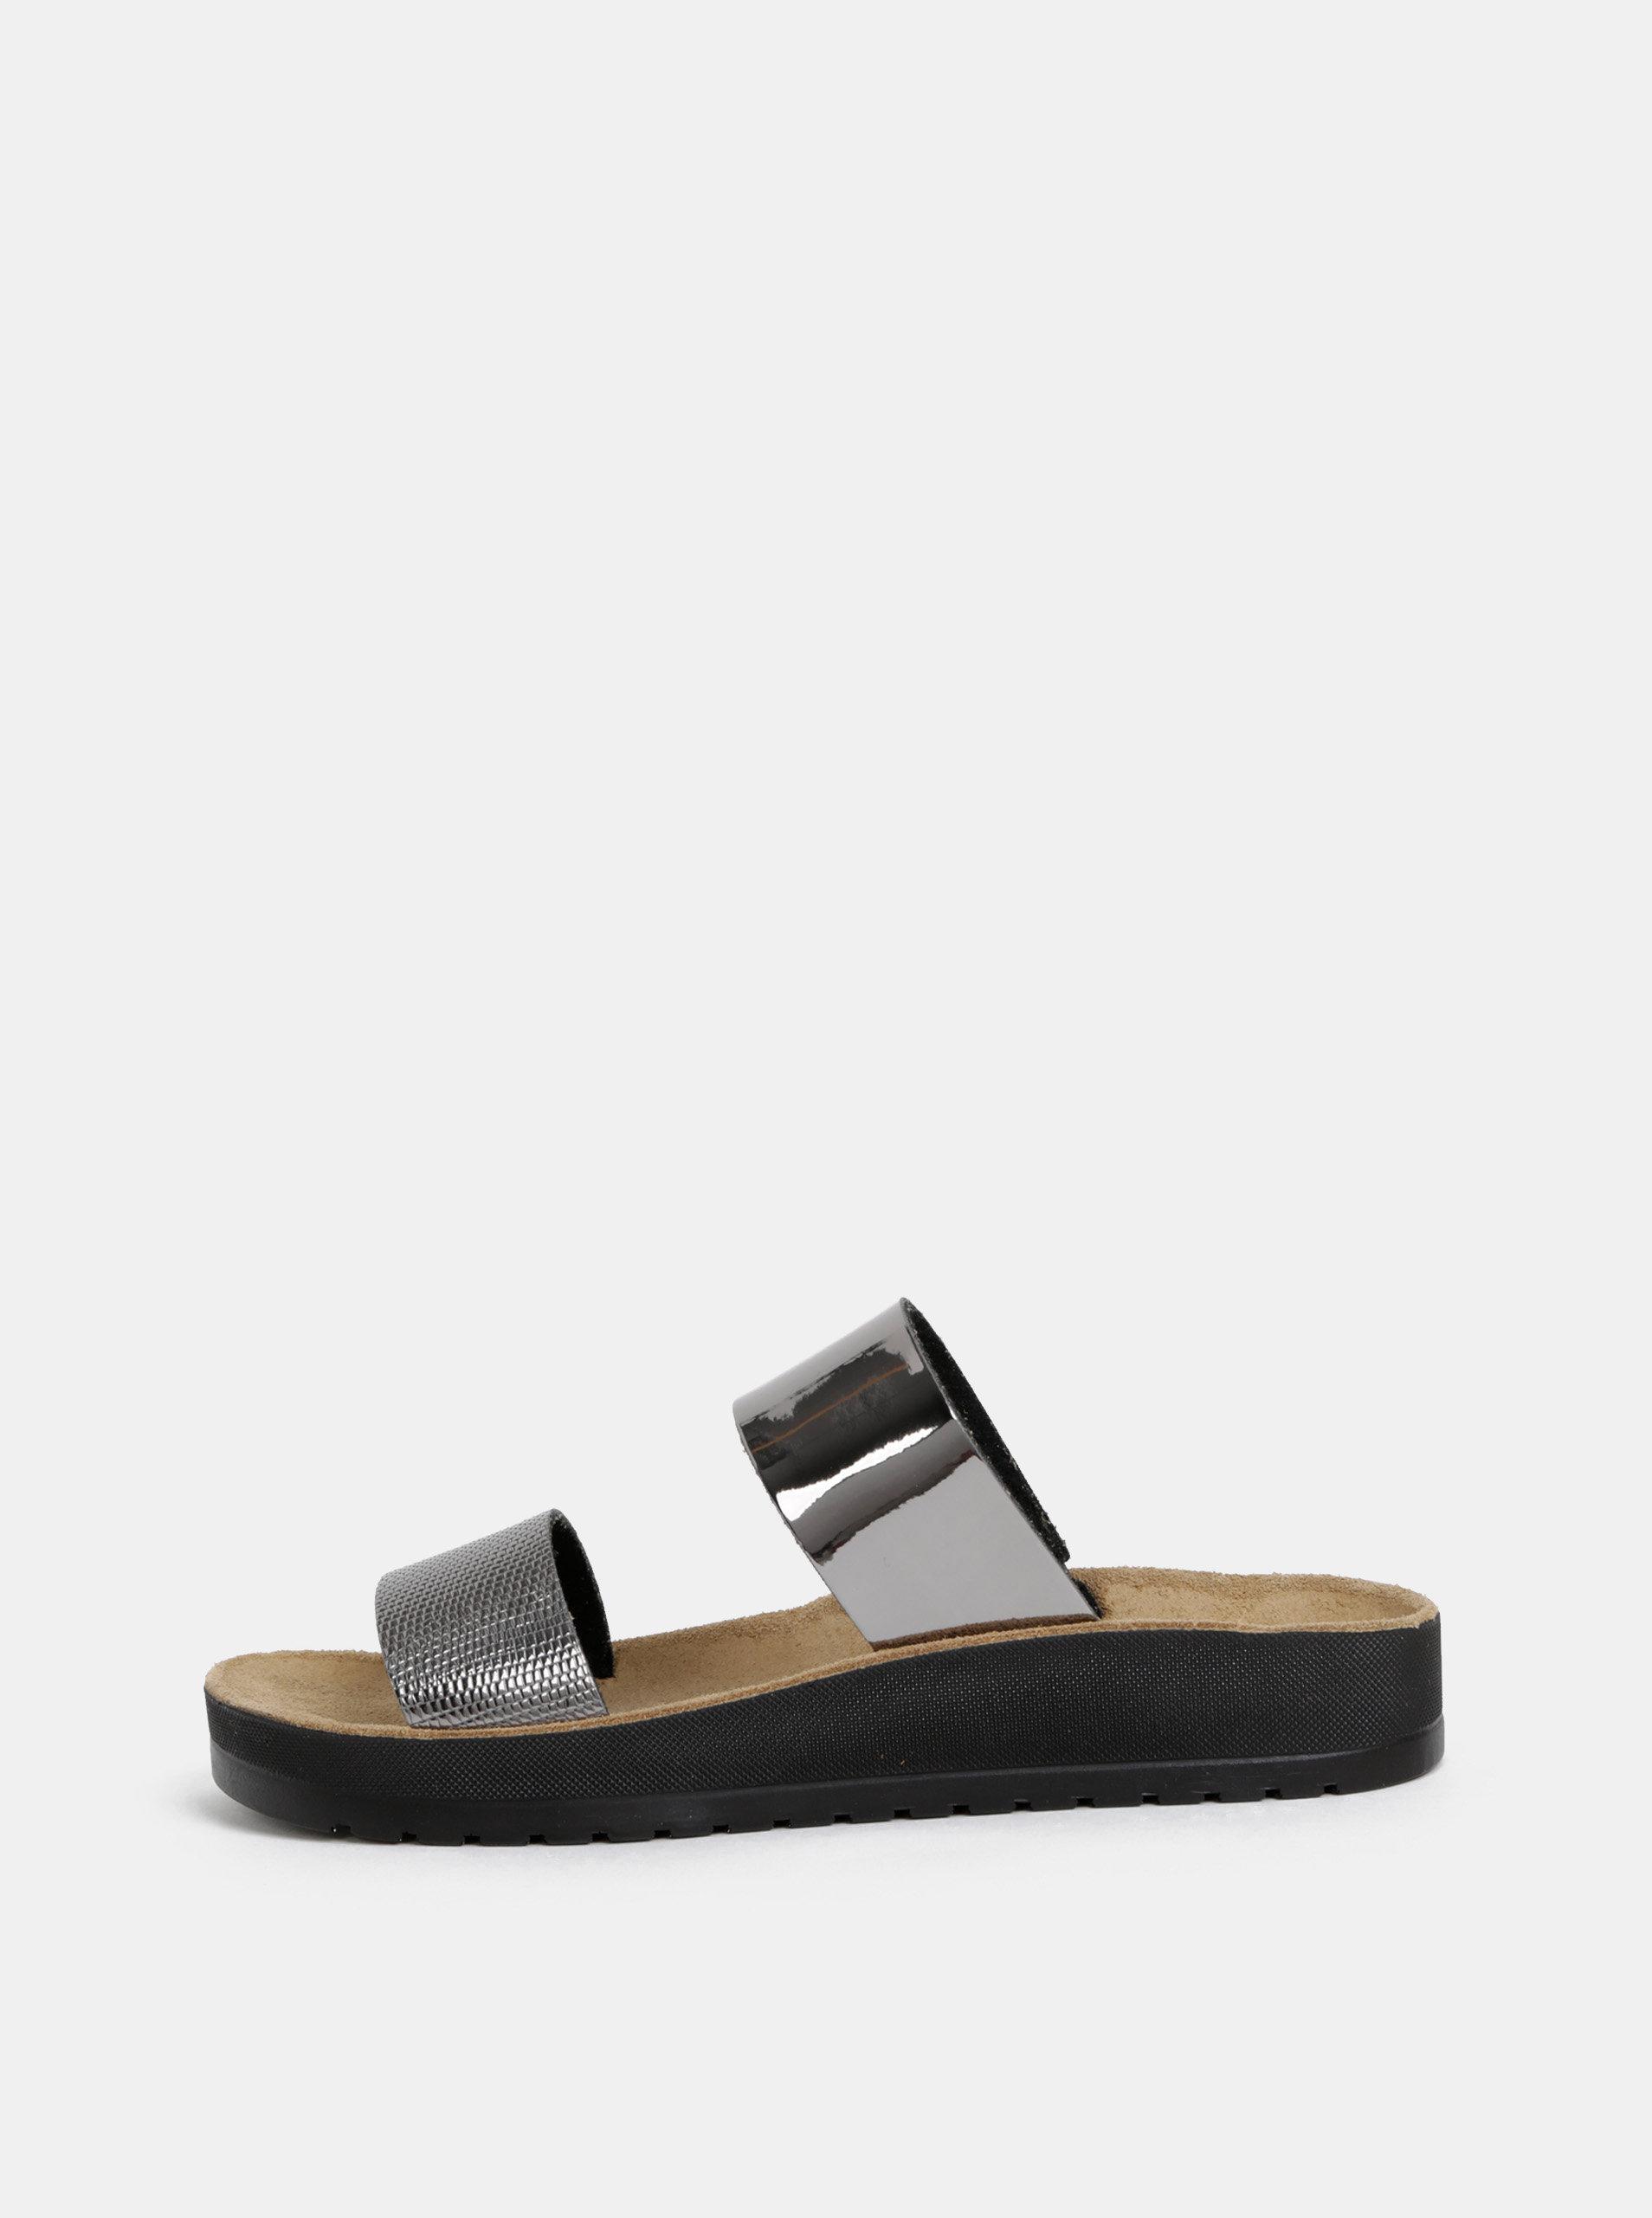 5b68f3f13217 Dámské pantofle ve stříbrné barvě Scholl Cynthia ...